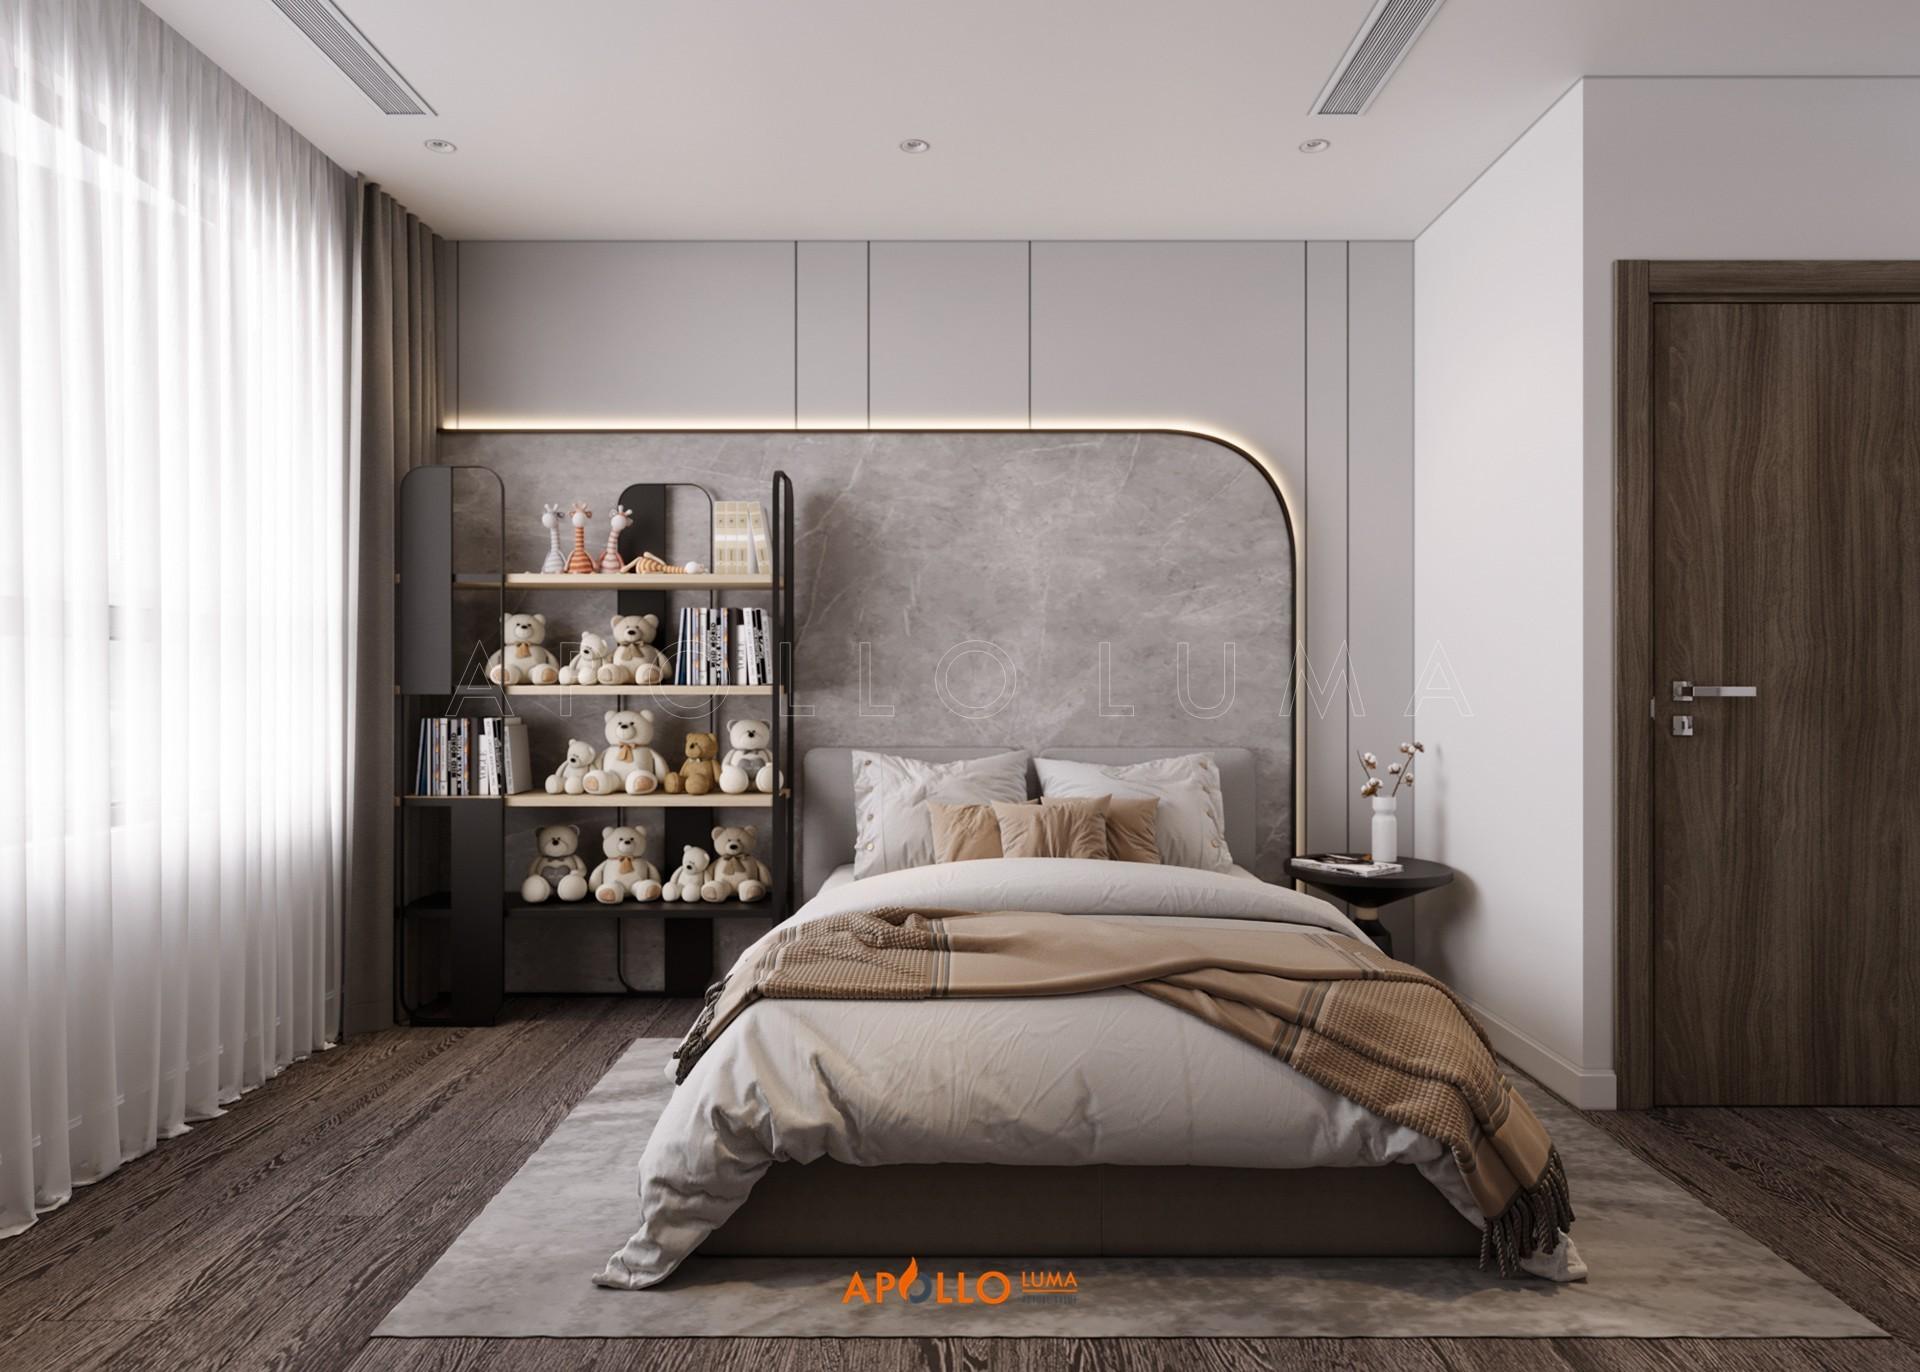 Thiết kế nội thất căn 3PN (106m2) Vinhomes Smart City Tây Mỗ